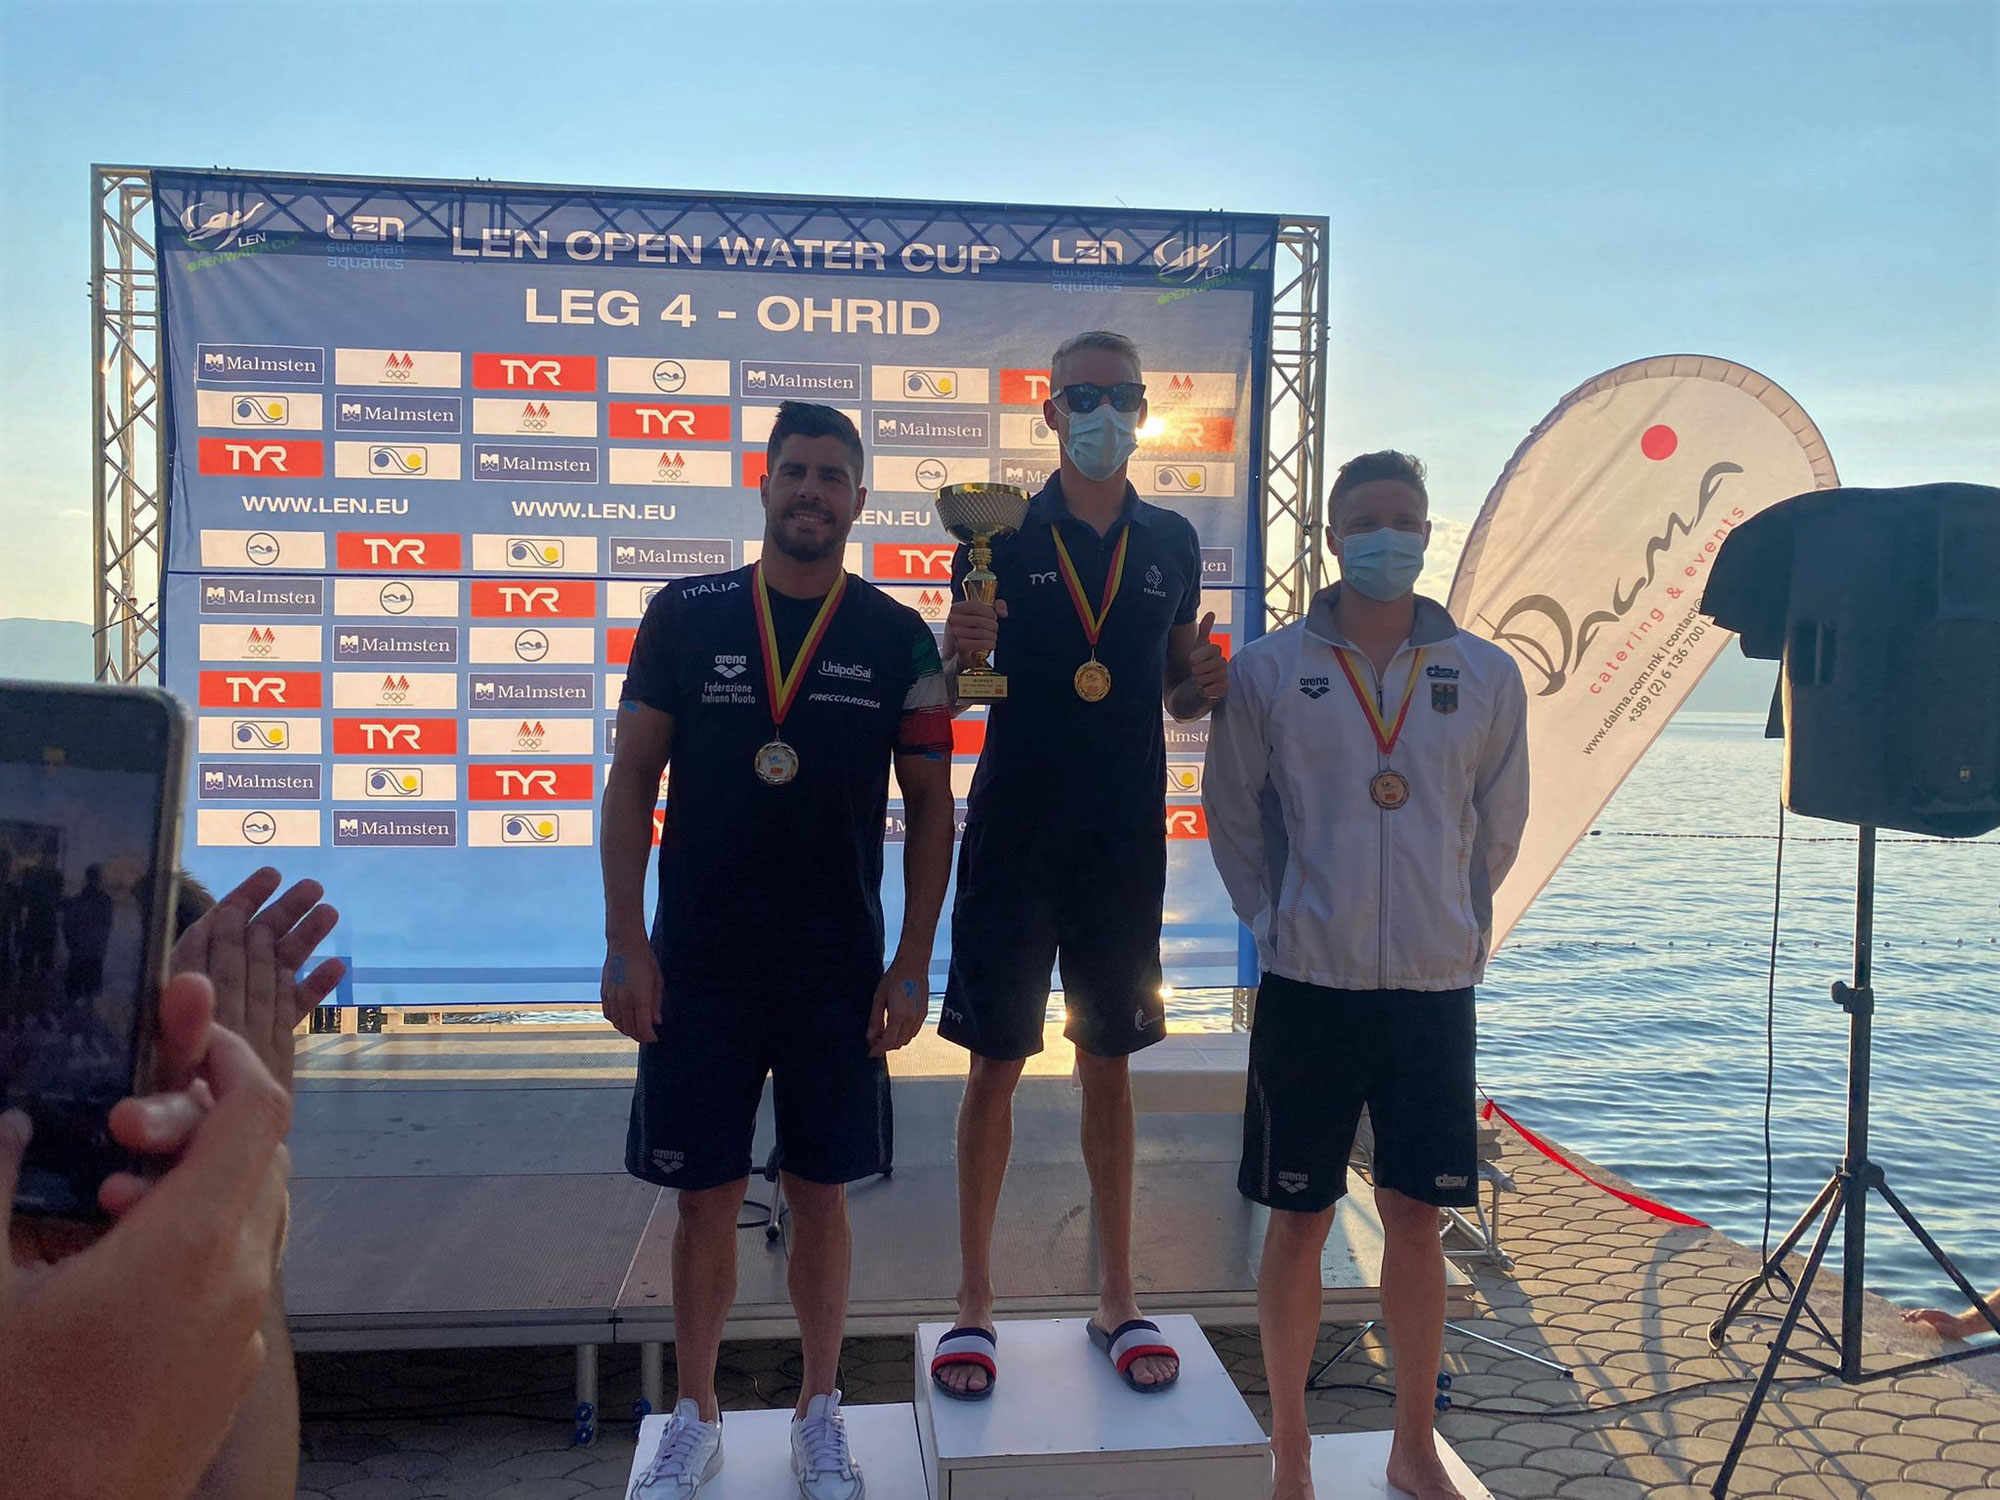 3. Platz für Niklas Frach beim LEN Open Water Swimming Cup